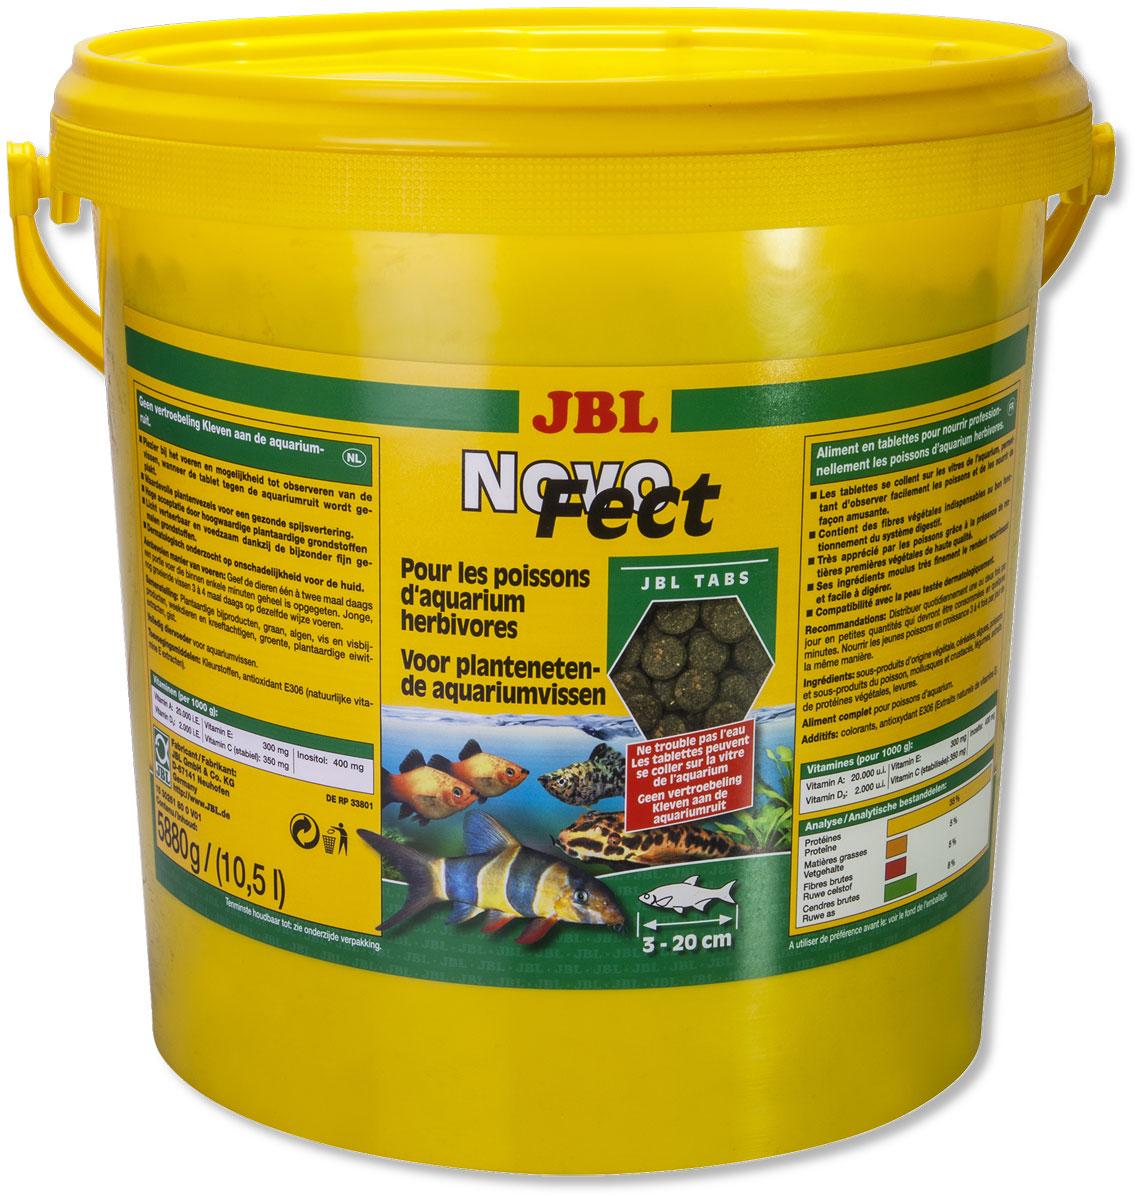 Корм JBL NovoFect, для растительноядных рыб, в таблетках, 5,88 кг (10,5 л)JBL3026100Корм JBL NovoFect содержит все компоненты в специально сбалансированной смеси с высоким содержанием растительных веществ, которые отвечают потребностям донных рыб и рыб, обитающих в средней зоне, питающихся преимущественно растительной пищей. Прикрепив таблетку в любом месте к стеклу аквариума, вы обеспечите рыб, обитающих в средних слоях воды, кормом и можете наблюдать за ними в процессе поедания корма. Просто опустив таблетку на дно аквариума, вы обеспечите кормом сомов и других донных рыб. Состав: зерновые, водоросли, рыба и рыбные побочные продукты, моллюски и ракообразные, овощи, экстракт растительного белка. Анализ: протеин 35%, жир 5%, клетчатка 5%, чистая зола 8%. Товар сертифицирован.